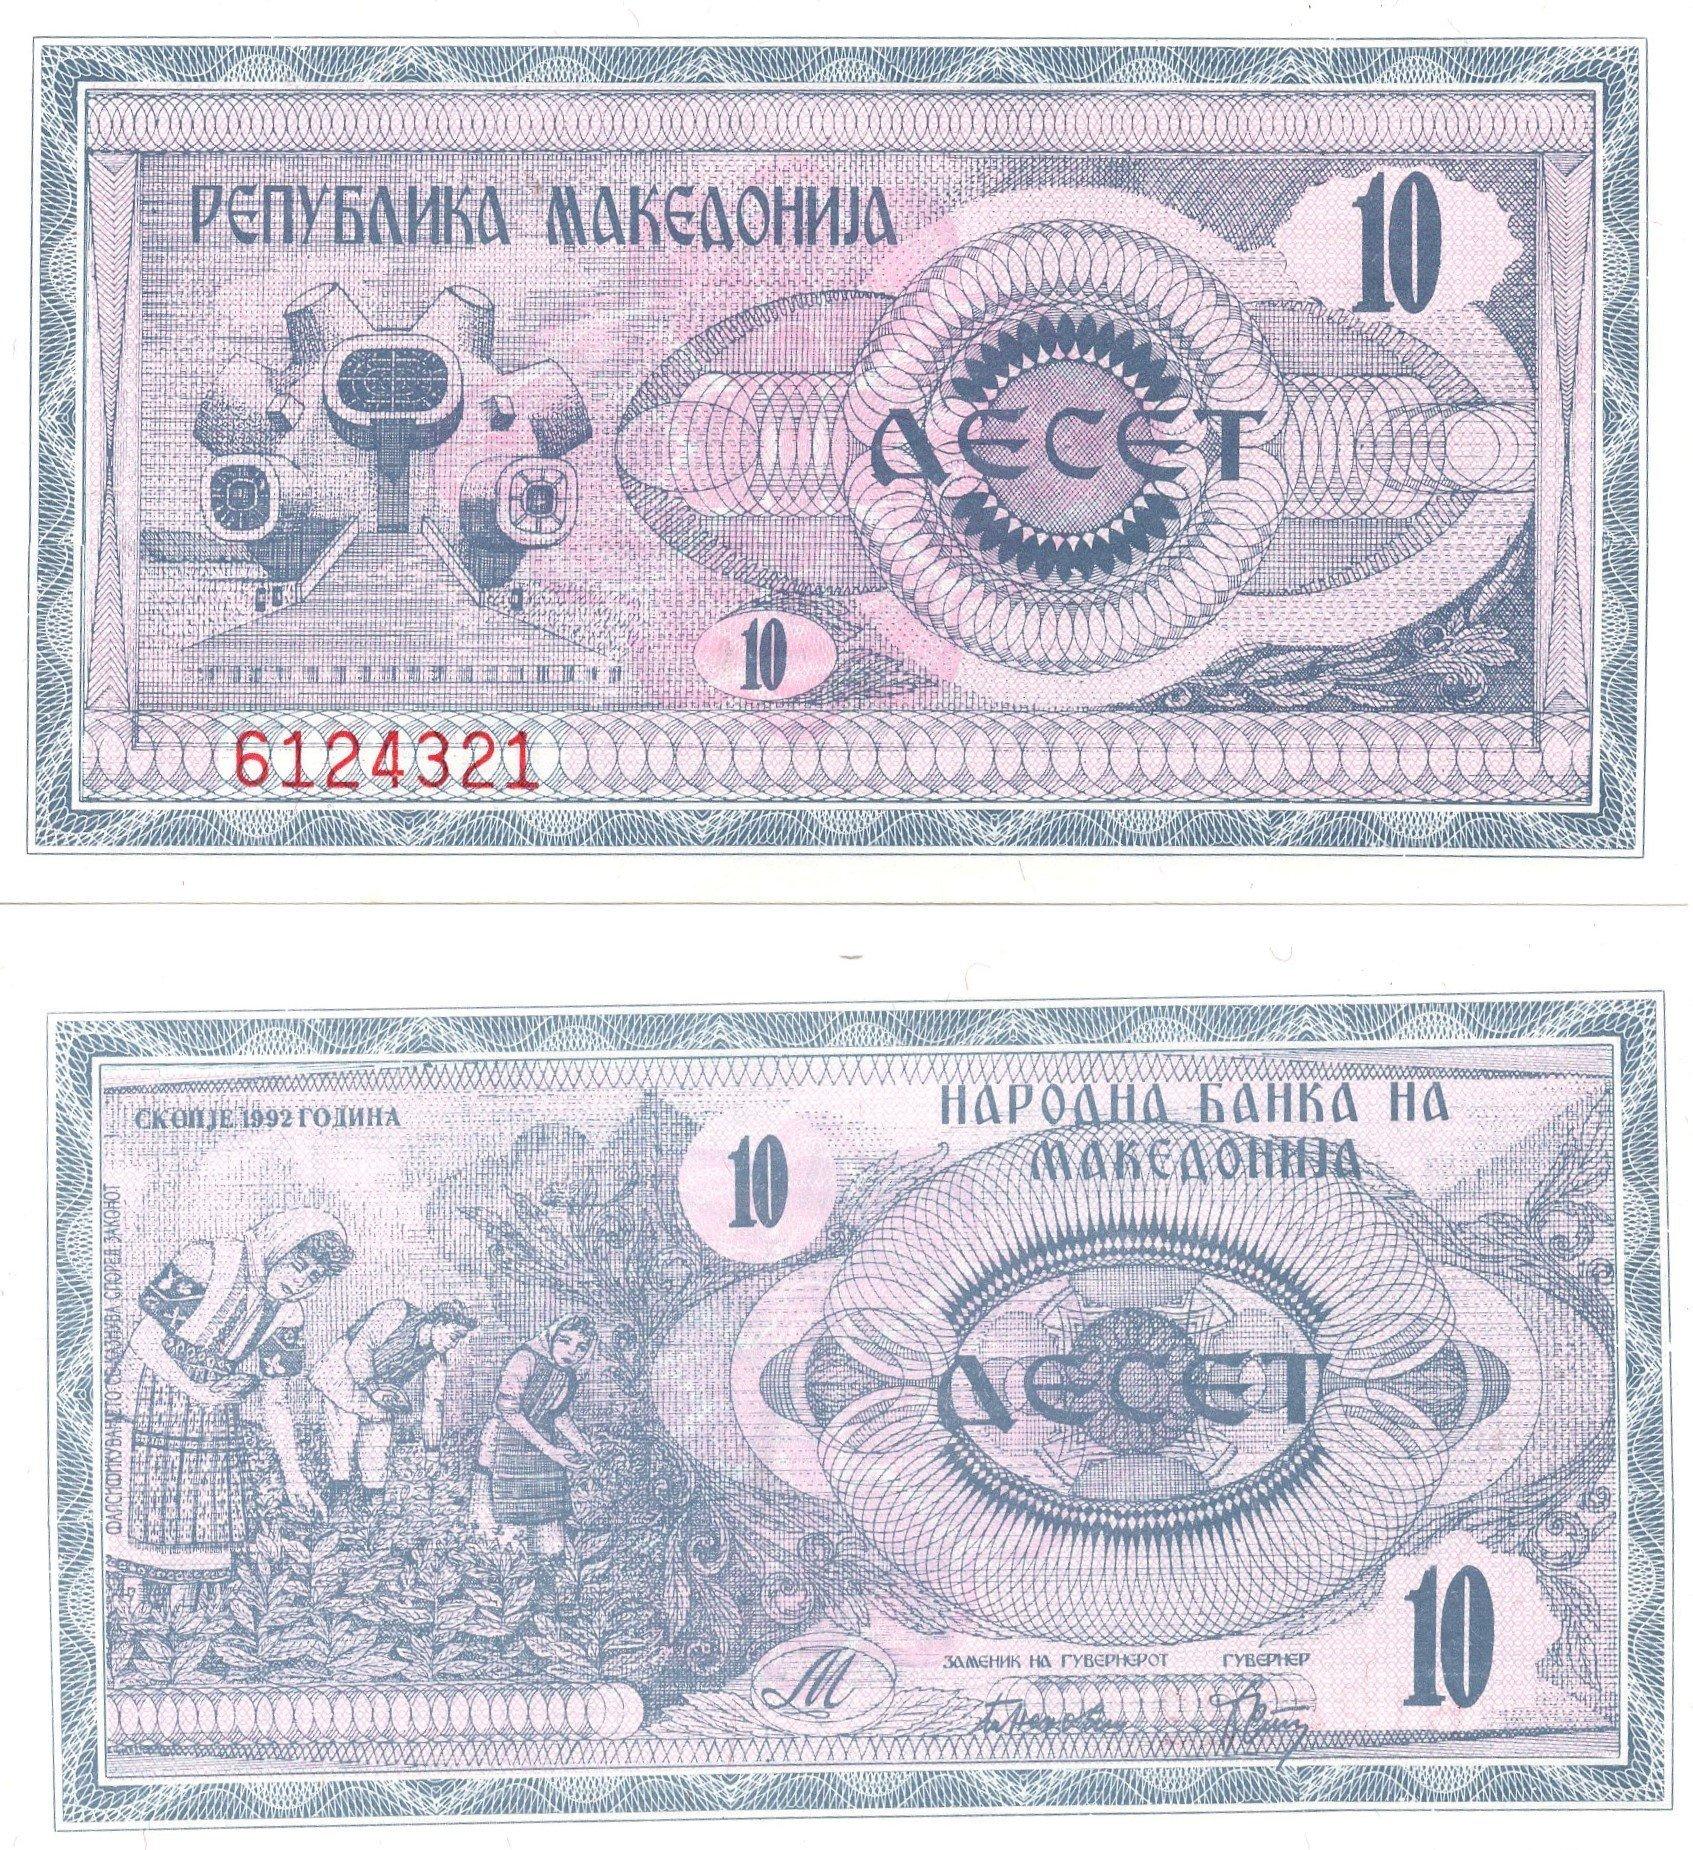 macedonia 10 dinars 1991